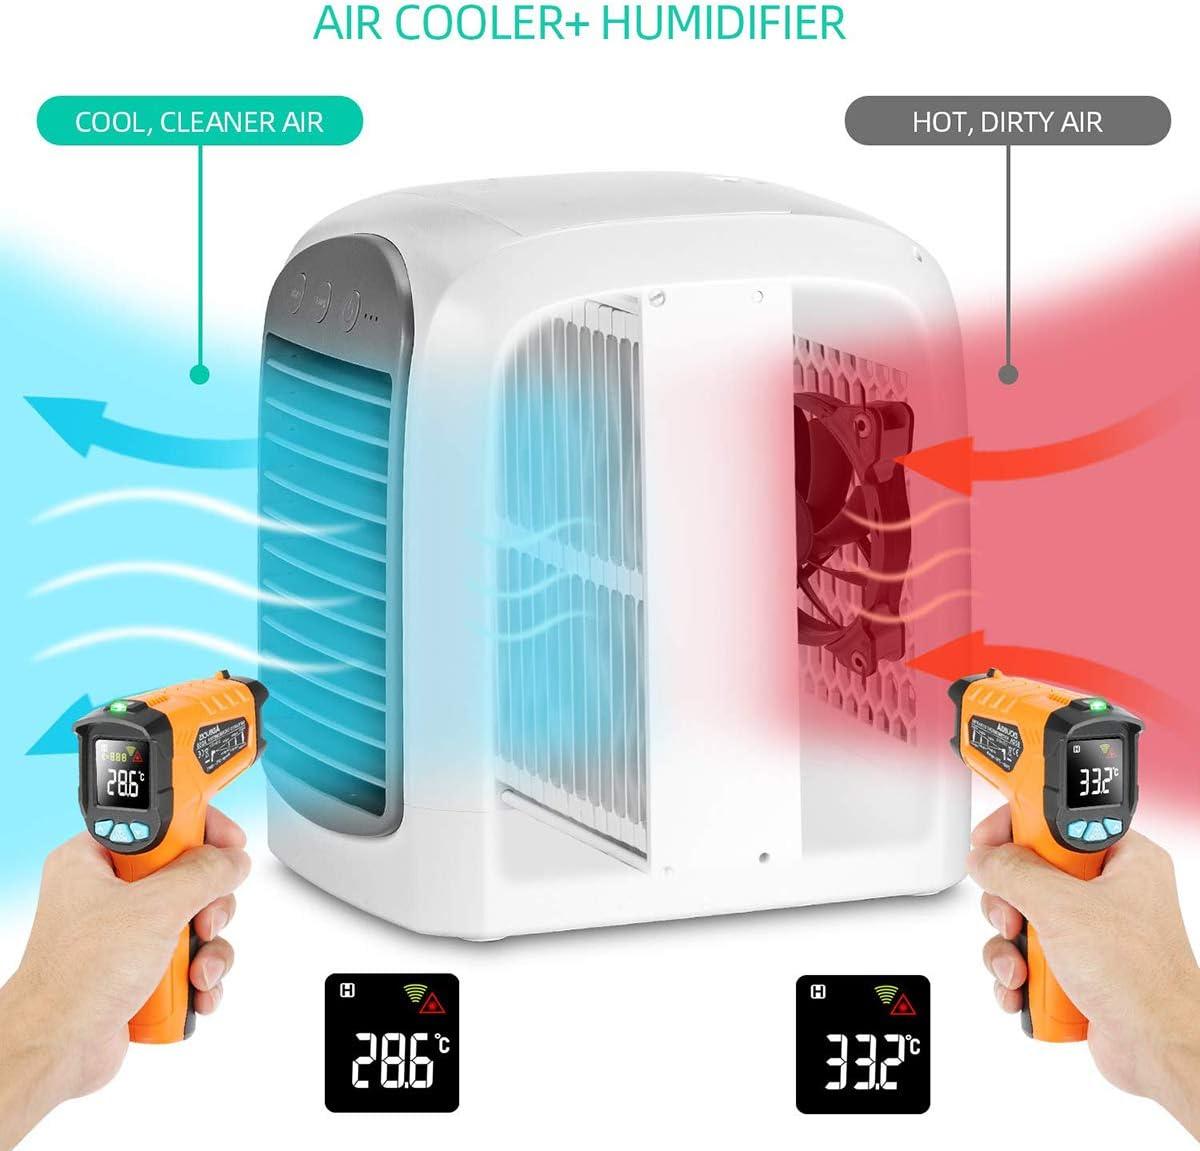 Relubby Refrigerador Humidificador Purificador De Aire, 3 En 1 ...